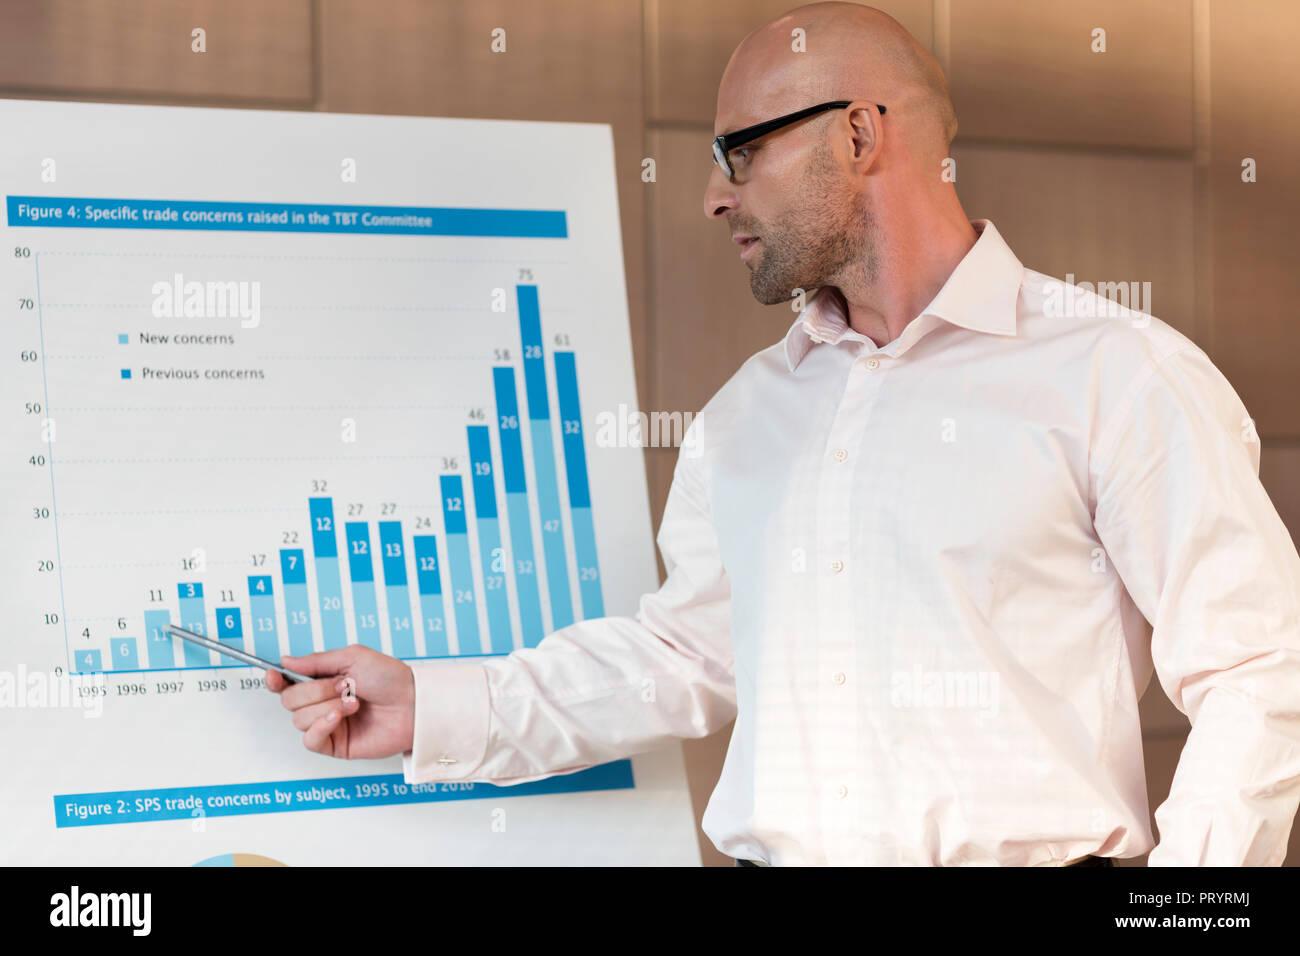 Poland, Warzawa, businessman explaining statistic - Stock Image